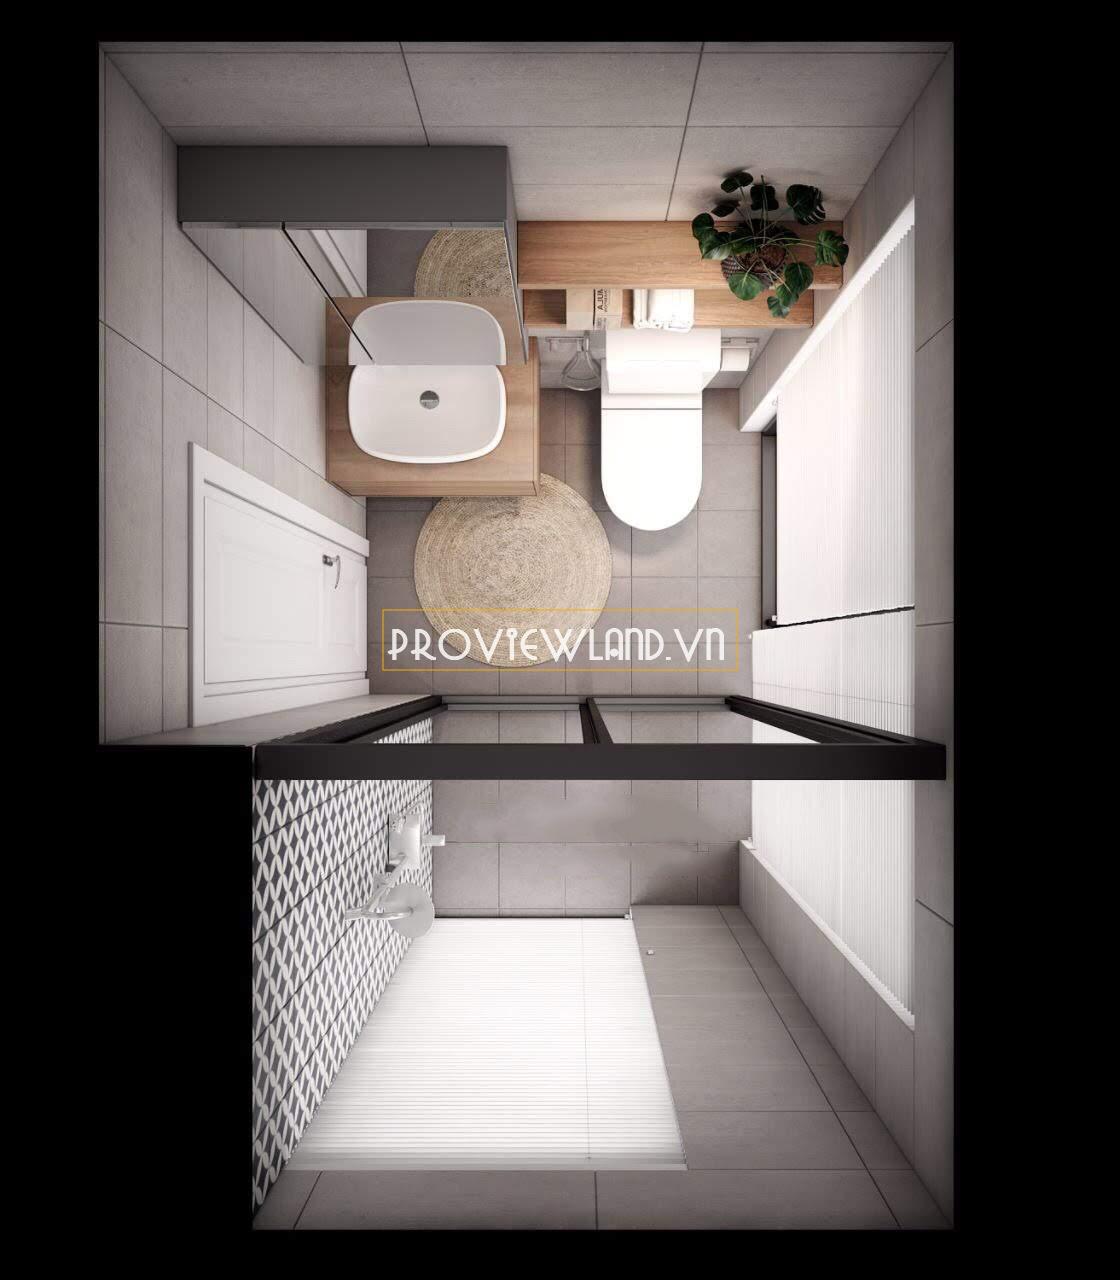 lucasta-khang-dien-villas-for-rent-4beds-3floor-district9-proview1112-09